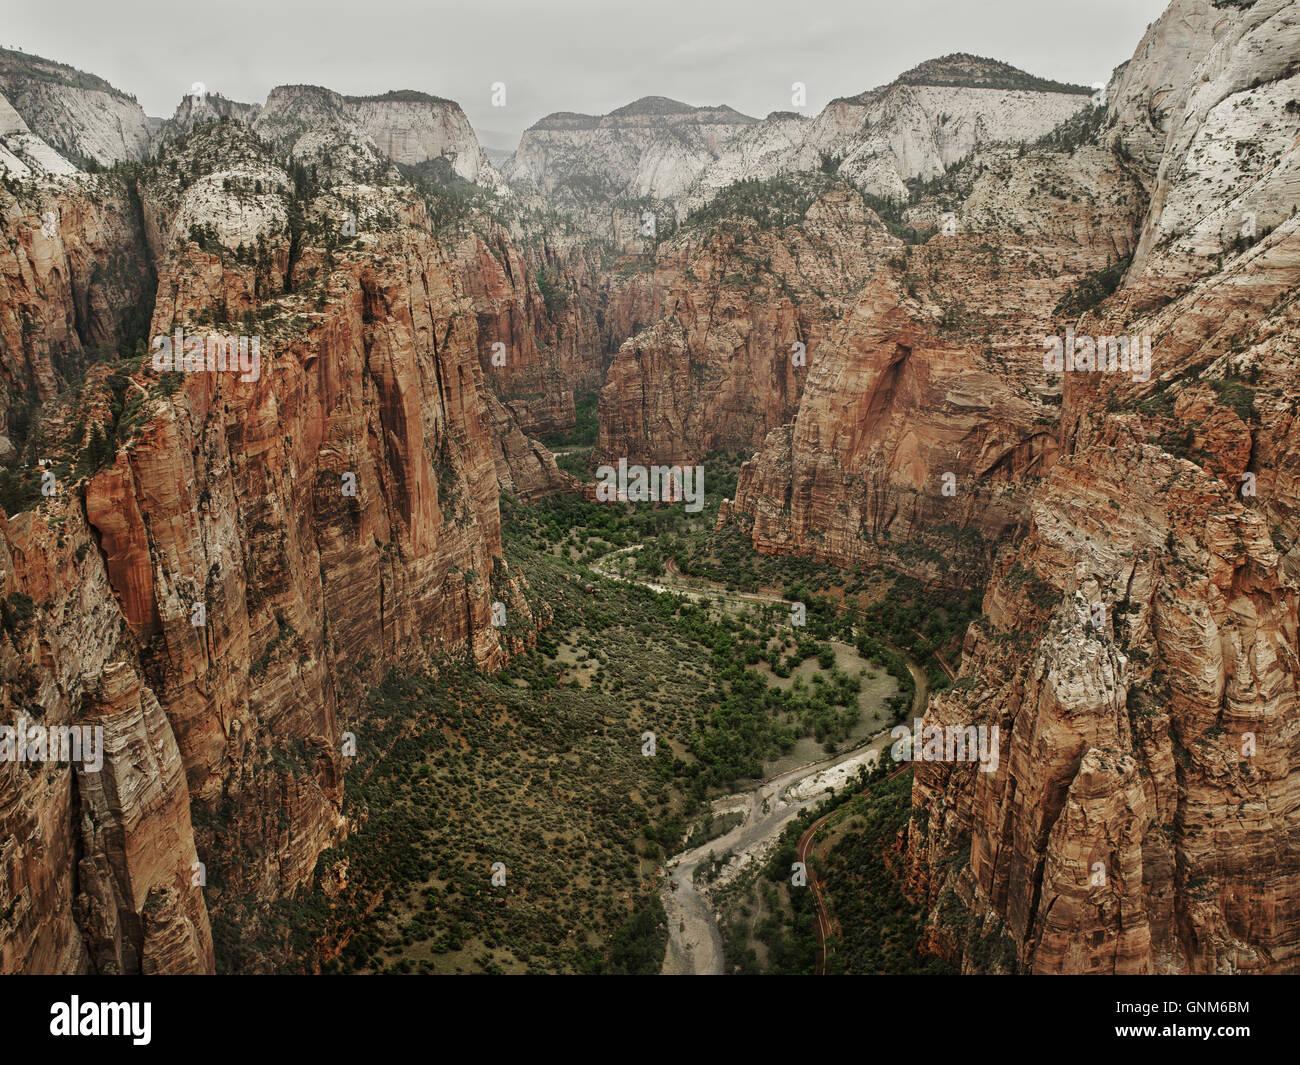 El mirador de la parte superior de Angel's Landing en el Parque Nacional de Zion Imagen De Stock